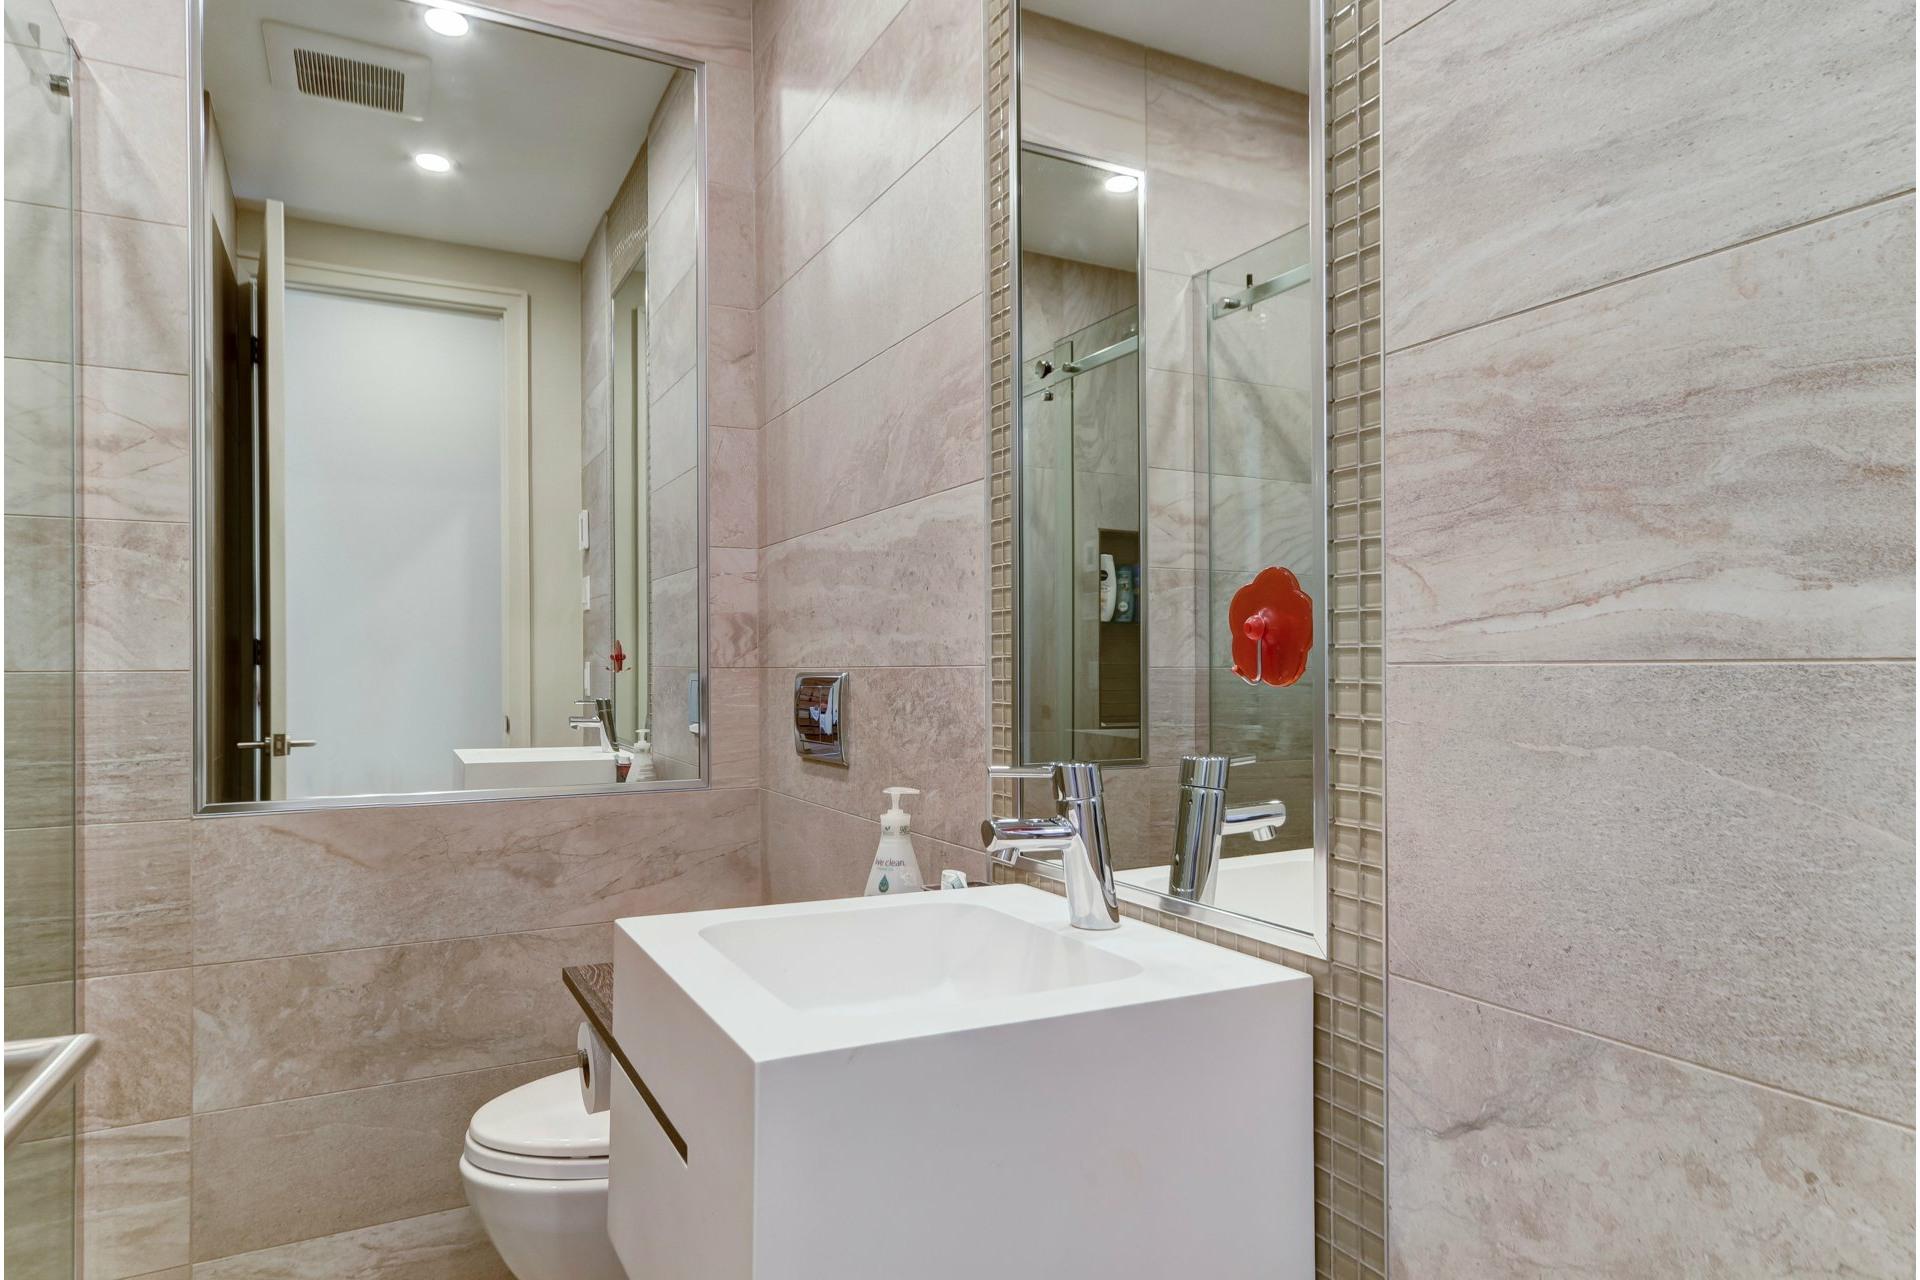 image 12 - Appartement À louer Côte-des-Neiges/Notre-Dame-de-Grâce Montréal  - 10 pièces